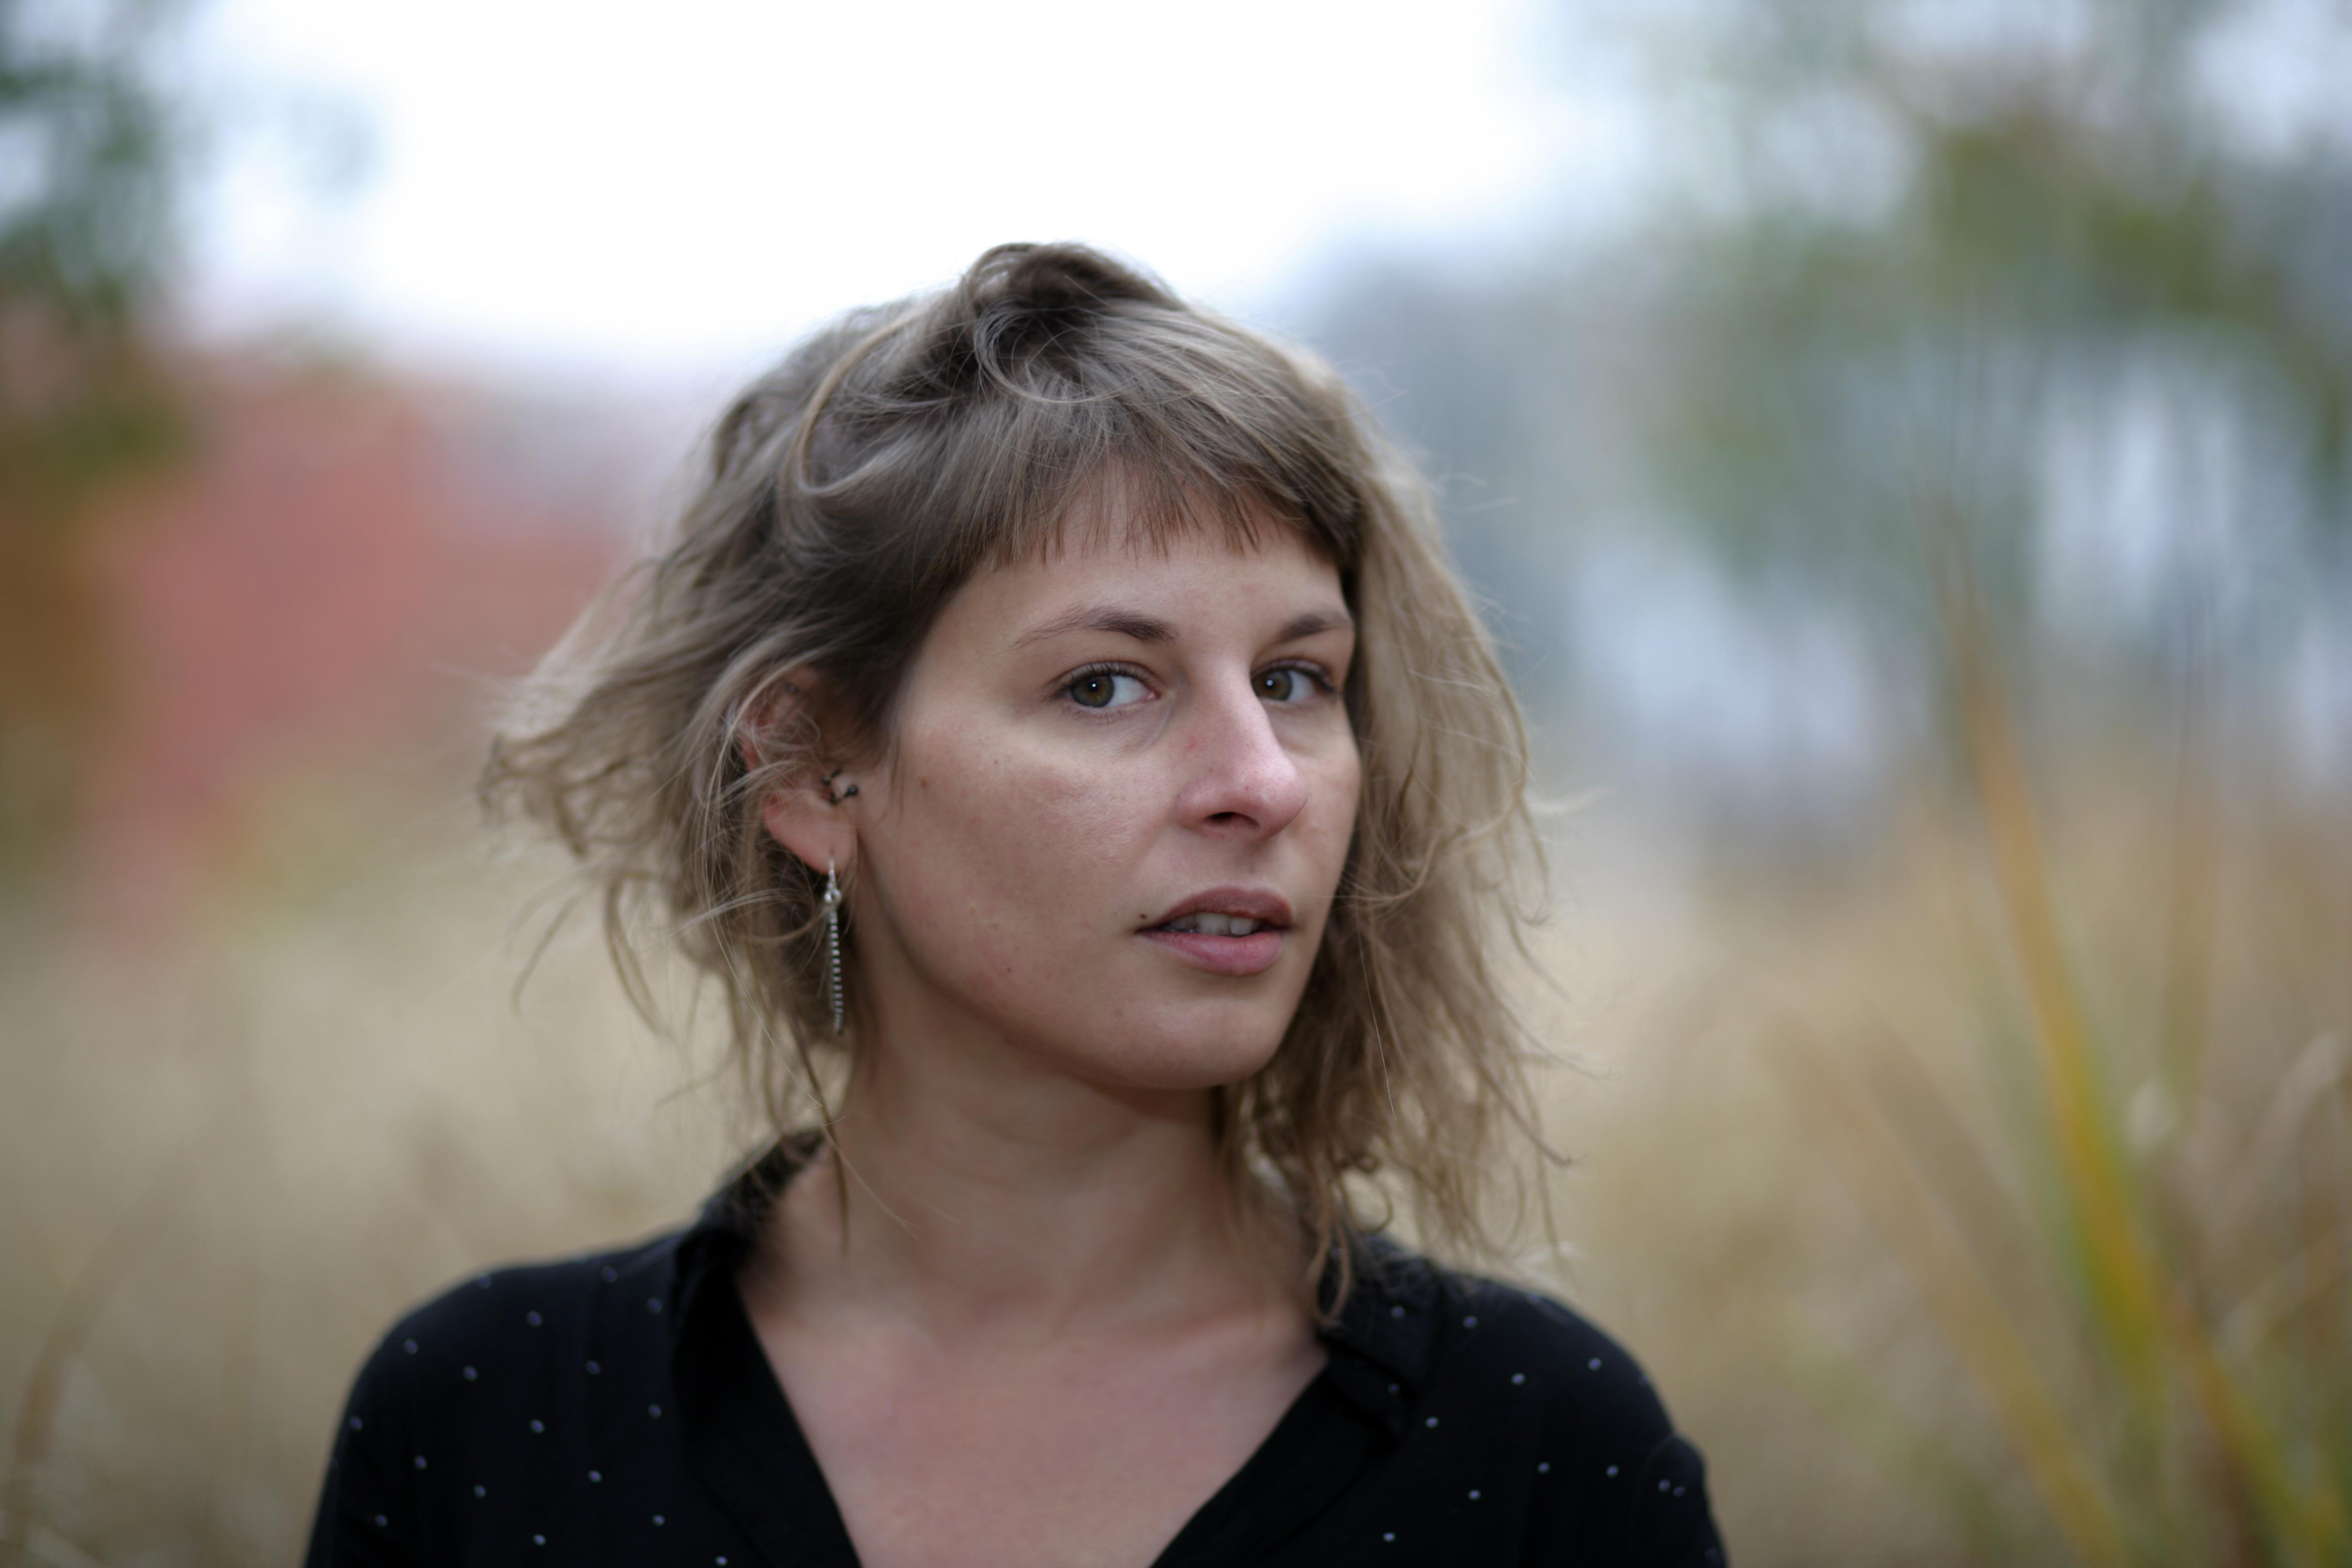 Nathalie Manissier